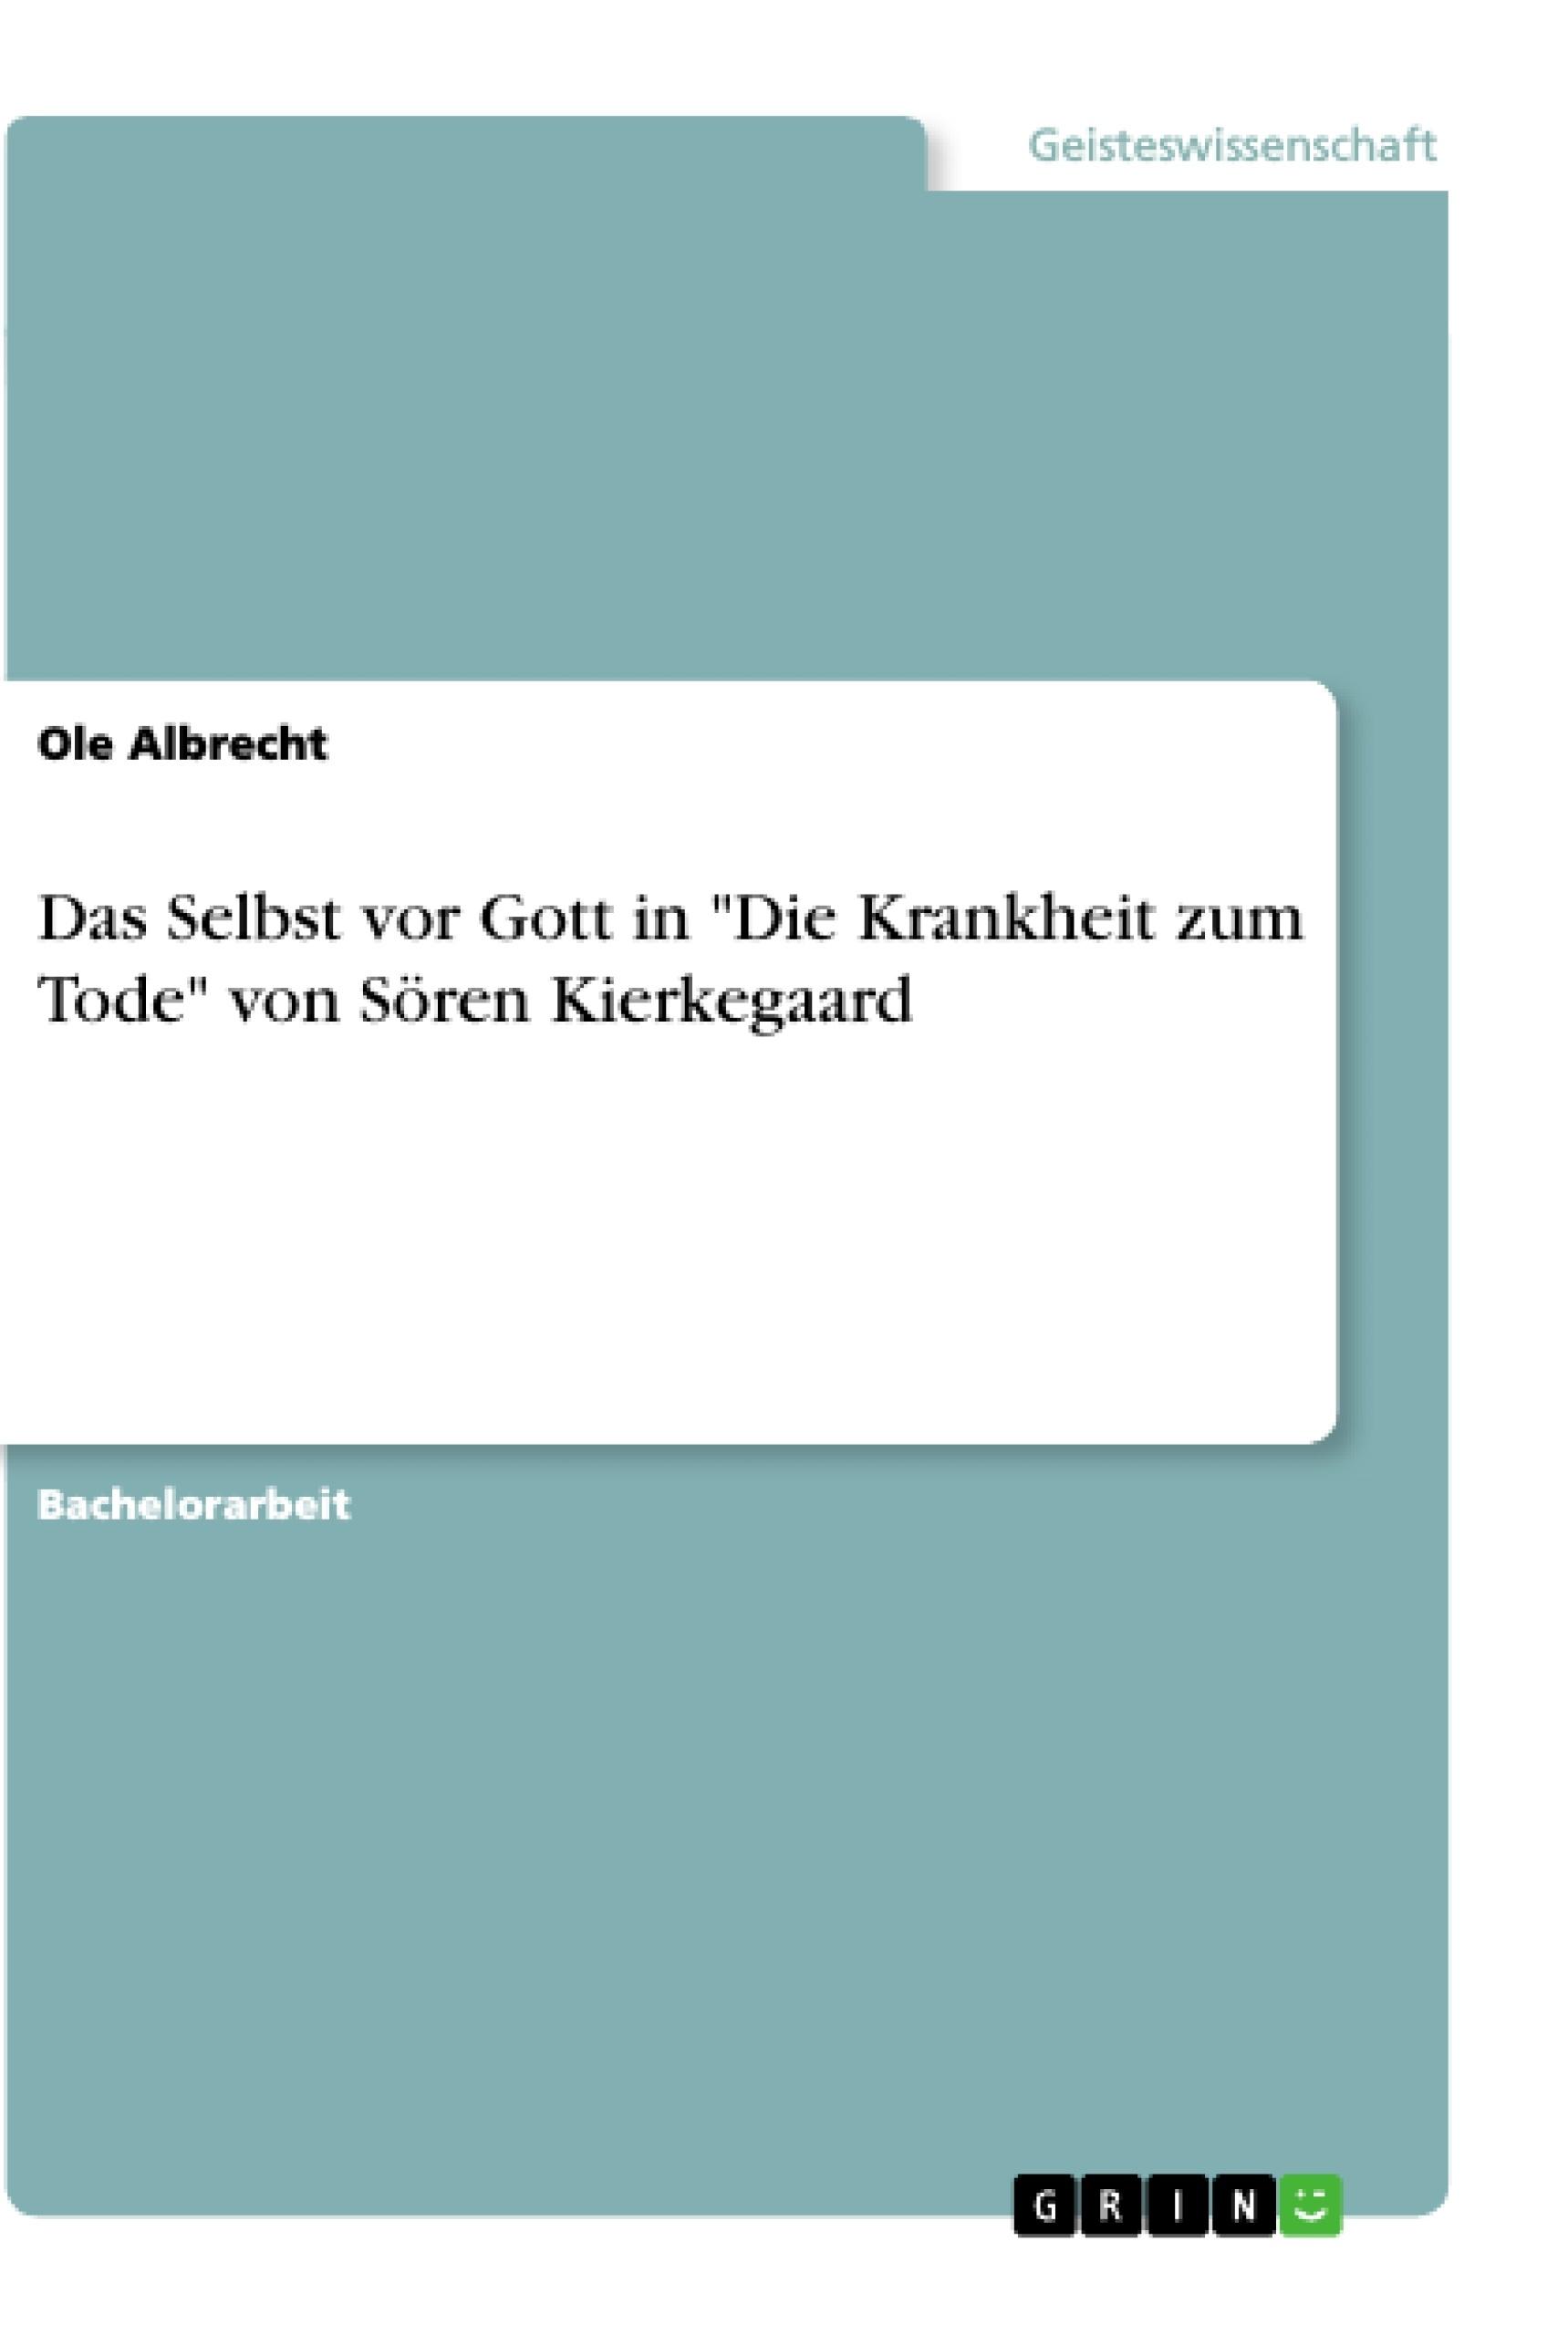 """Titel: Das Selbst vor Gott in """"Die Krankheit zum Tode"""" von Sören Kierkegaard"""